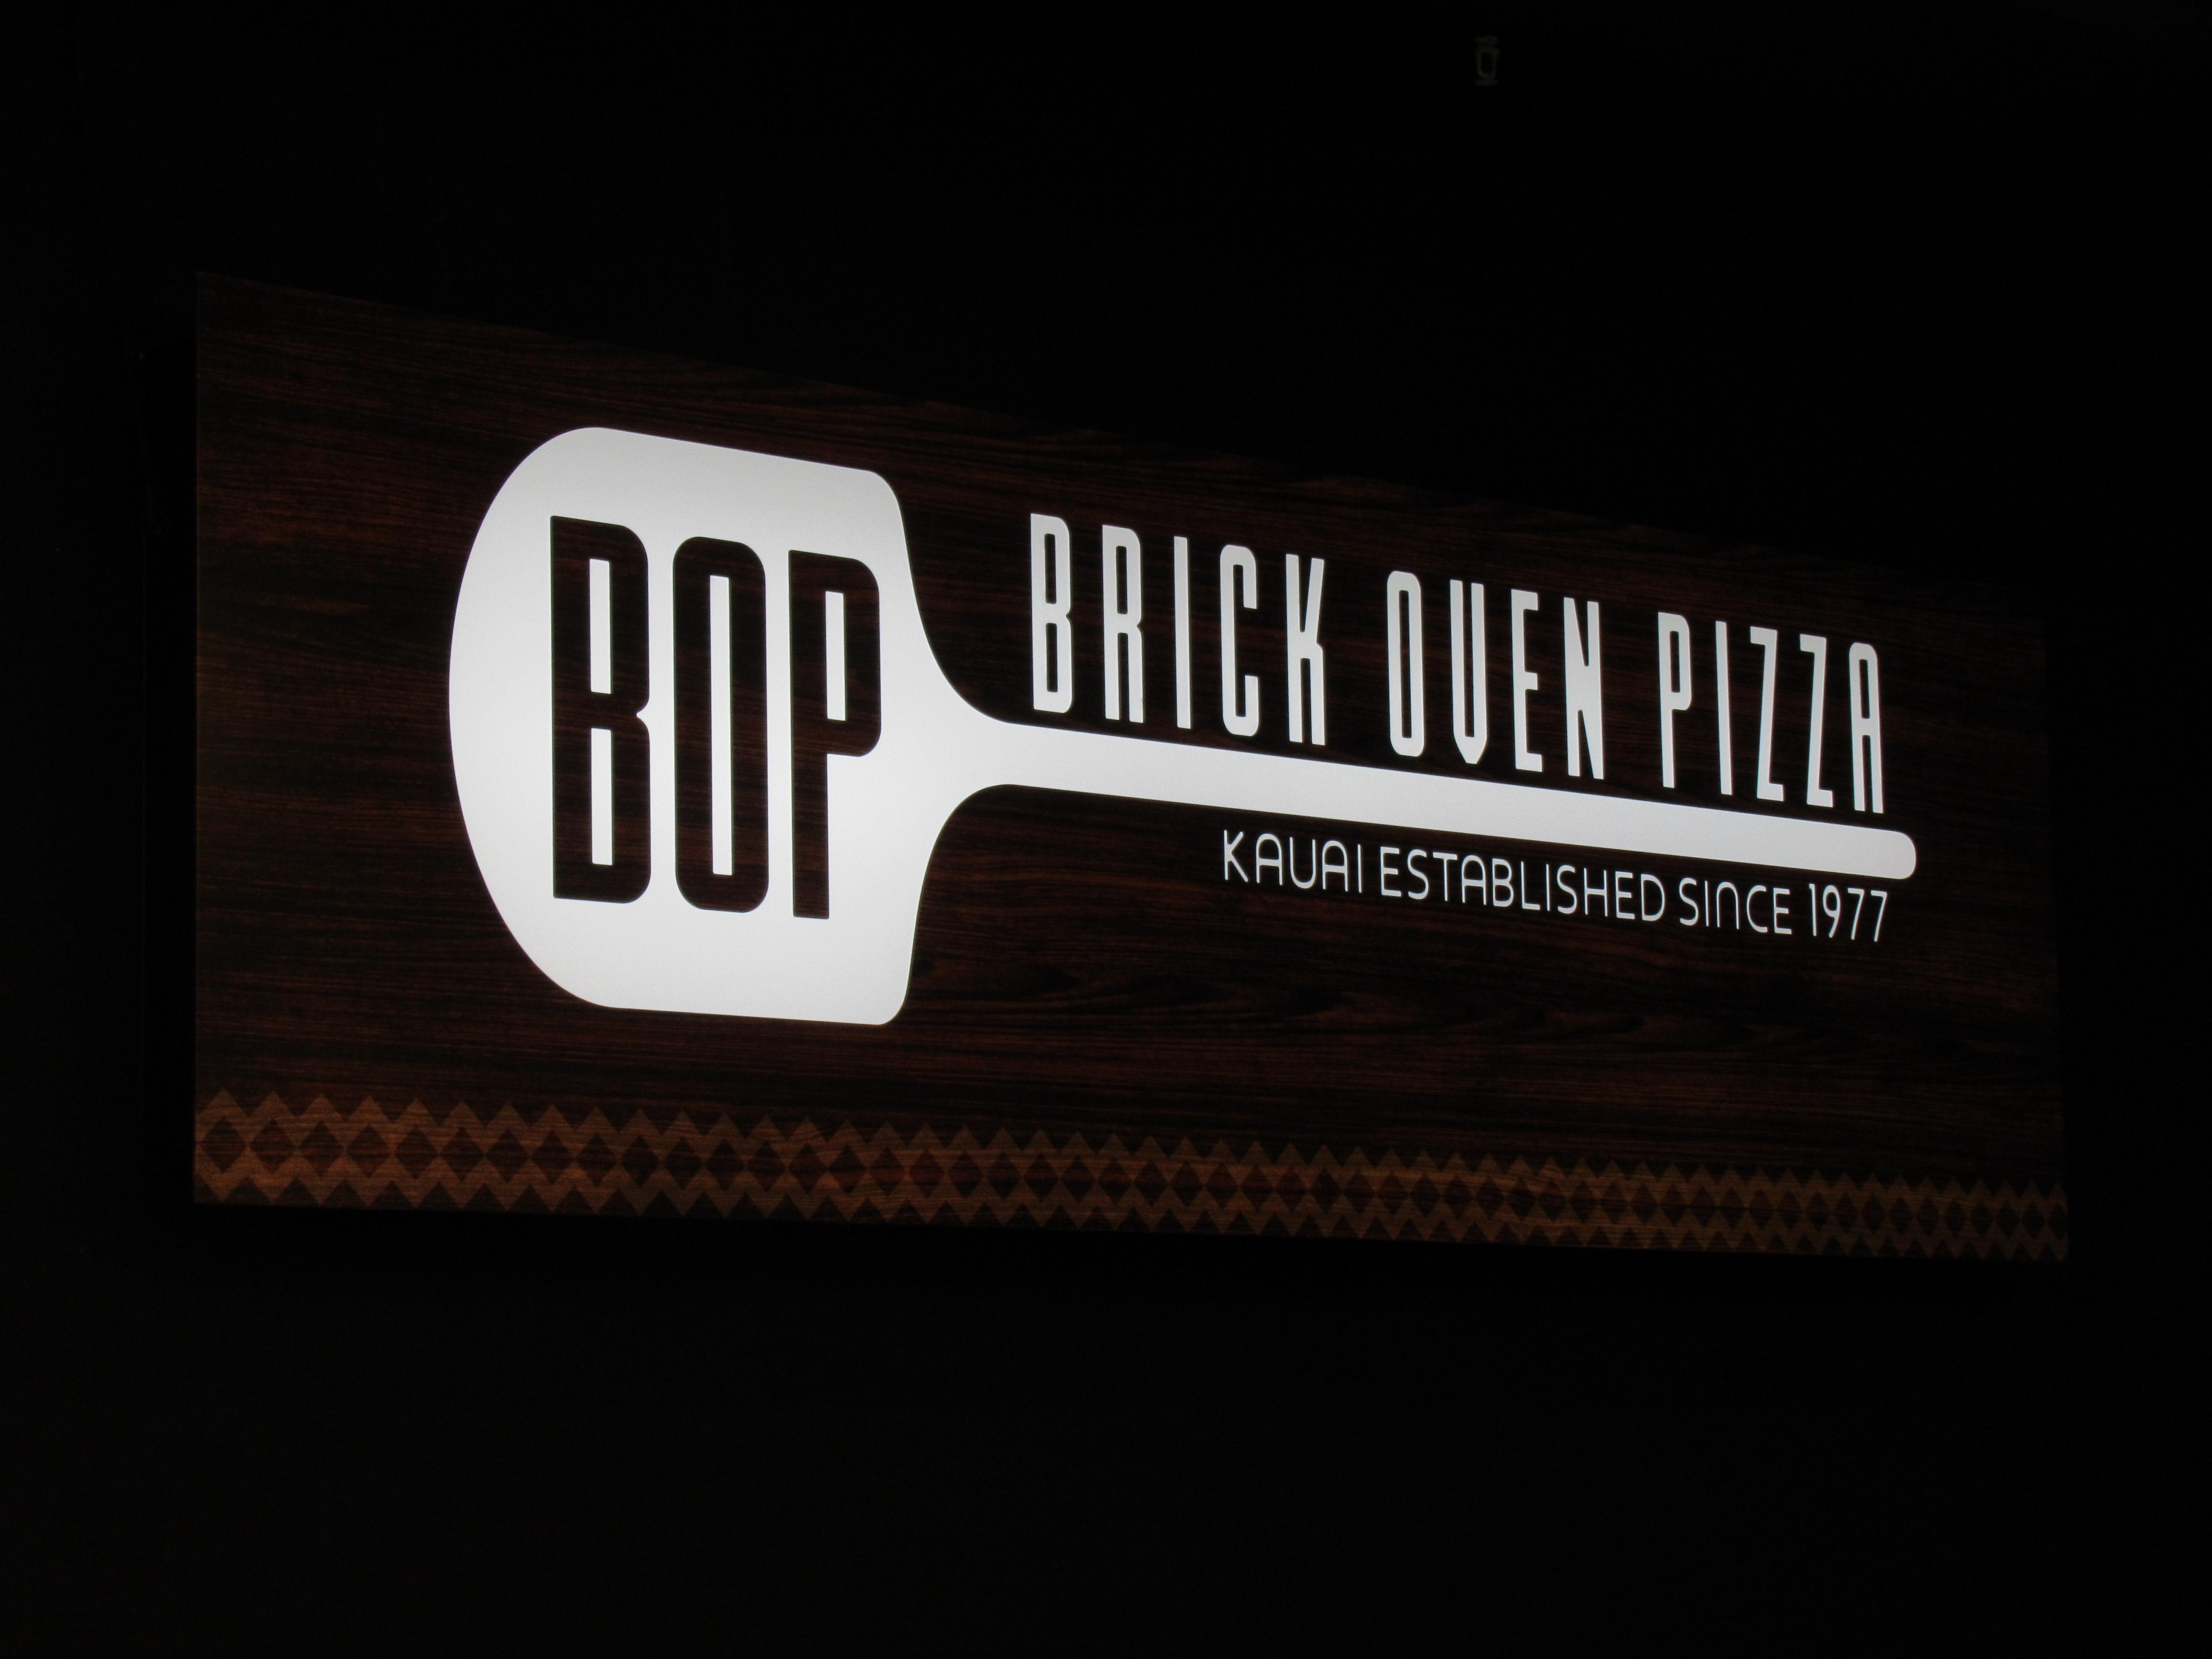 ハワイでピザなら『ブリックオーブンピザ』が美味しくオススメ|子連れハワイ旅ブログ